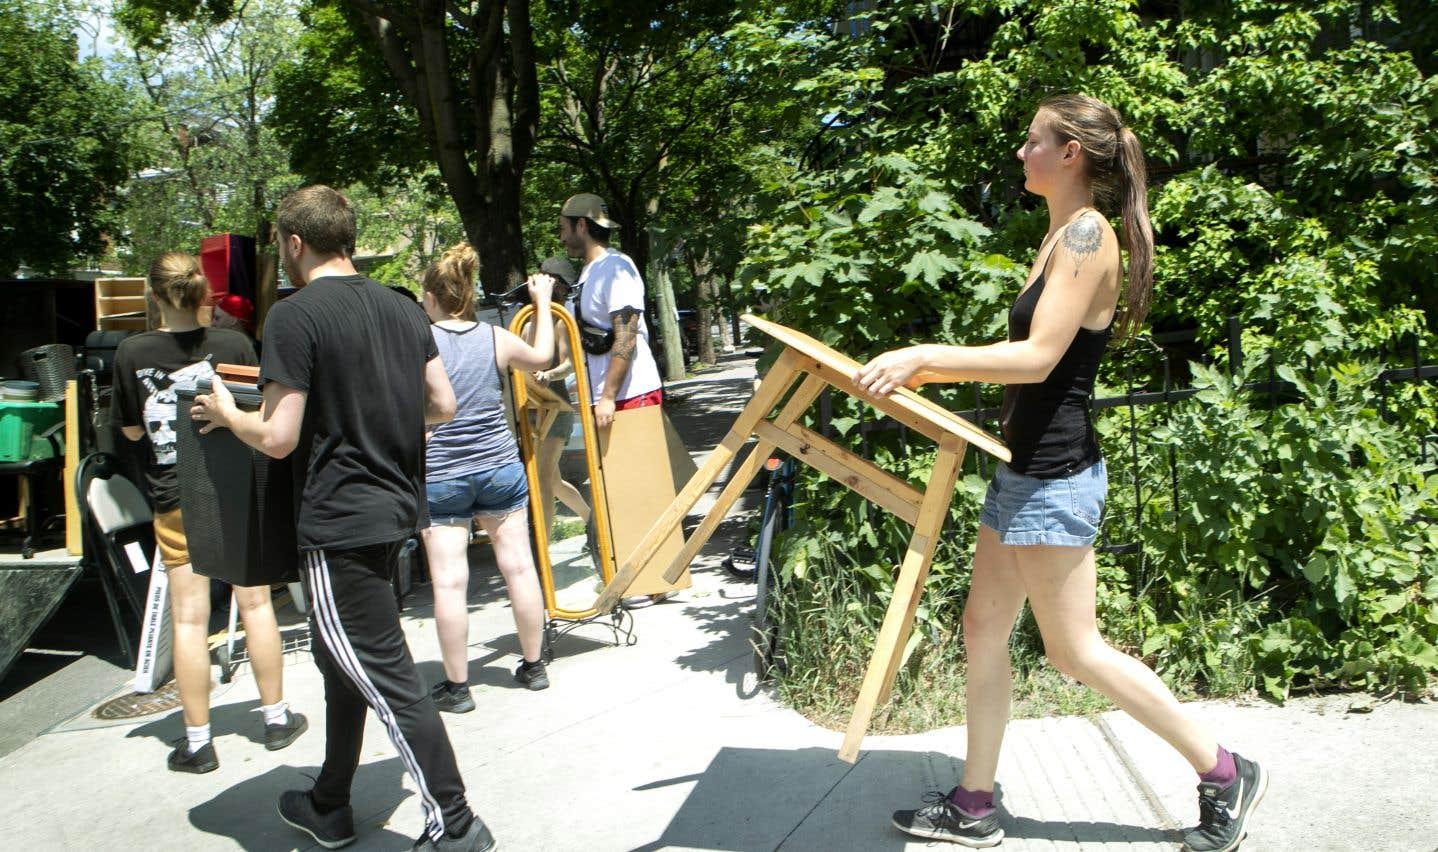 À Montréal, de 80 000 à 100 000 ménages changent d'adresse autour du 1er juillet, selon des chiffres de la Ville. Sur la photo, un groupe s'active à remplir une remorque.